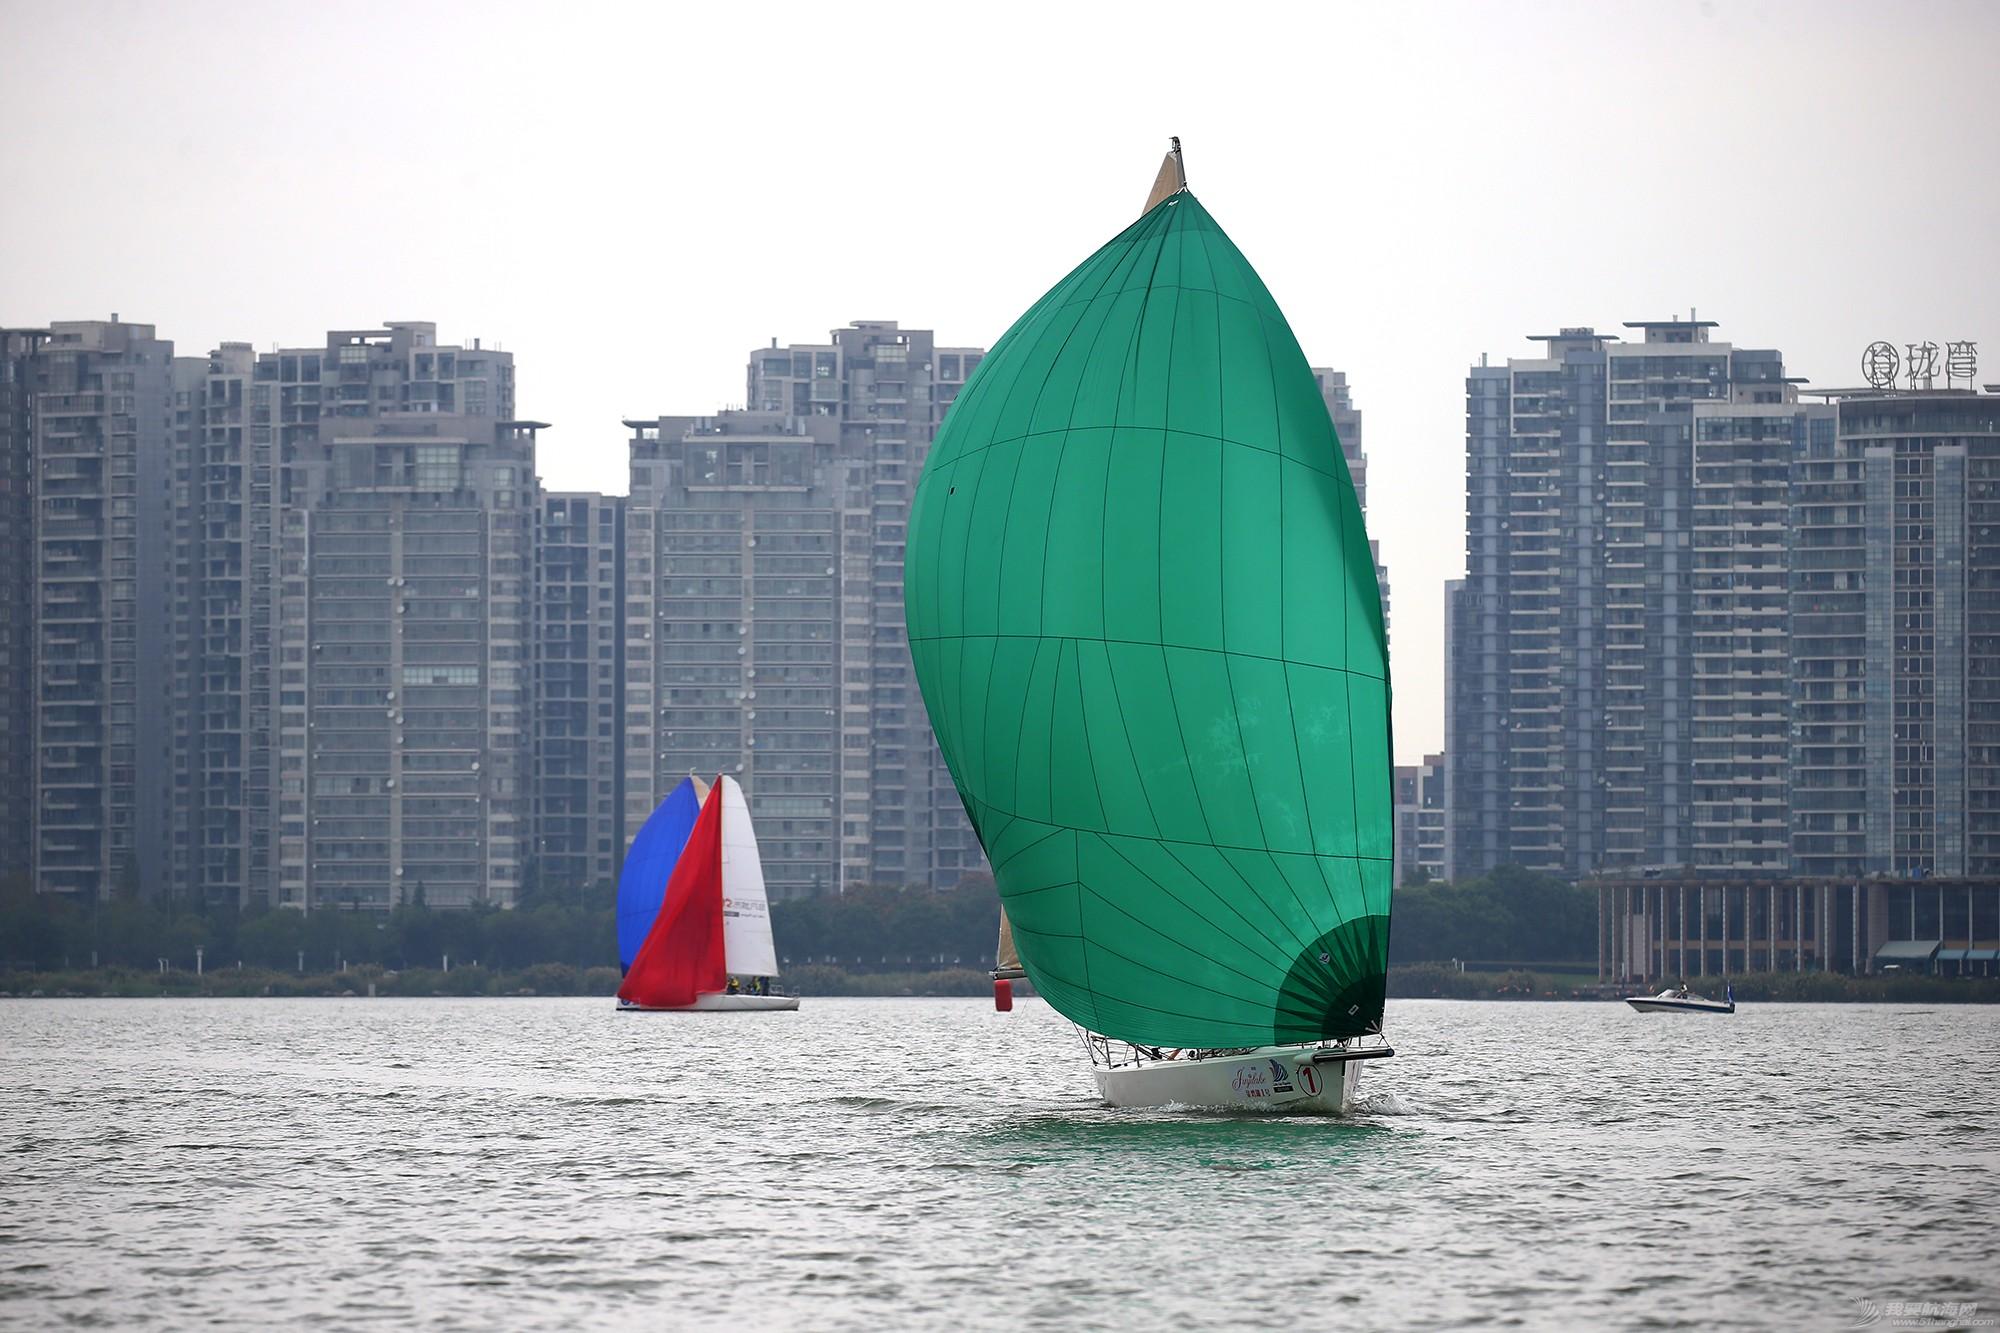 帆船,空间 帆船是灰度空间里跳动的彩色音符 E78W8919.JPG